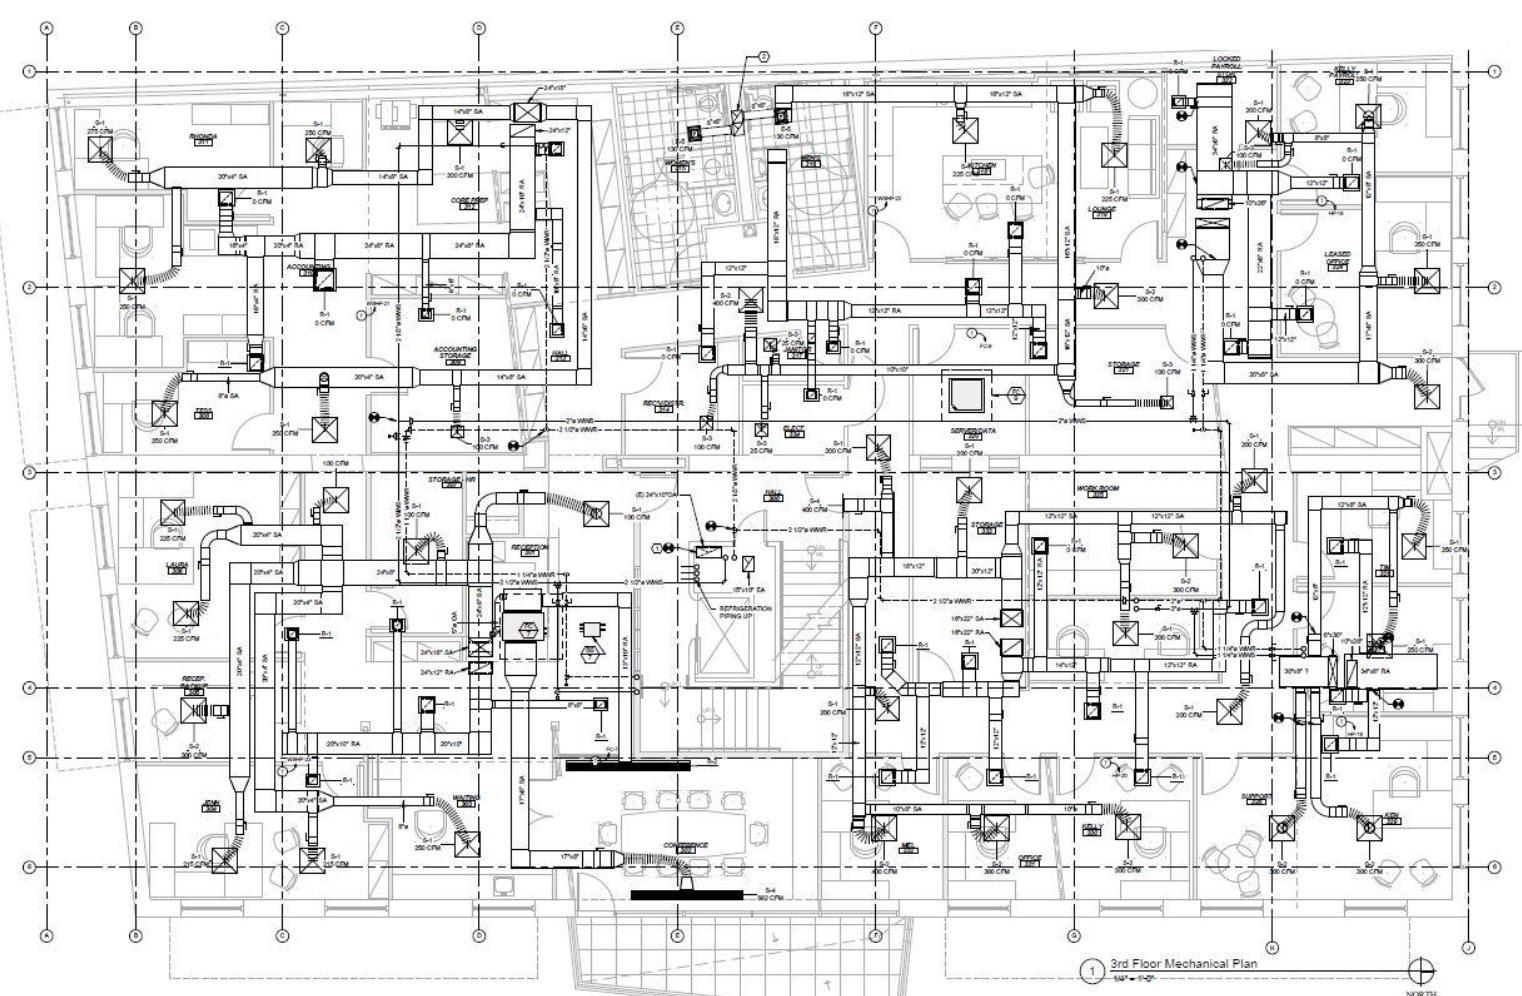 JM Engineering HVAC mechanical engineers Maya Building